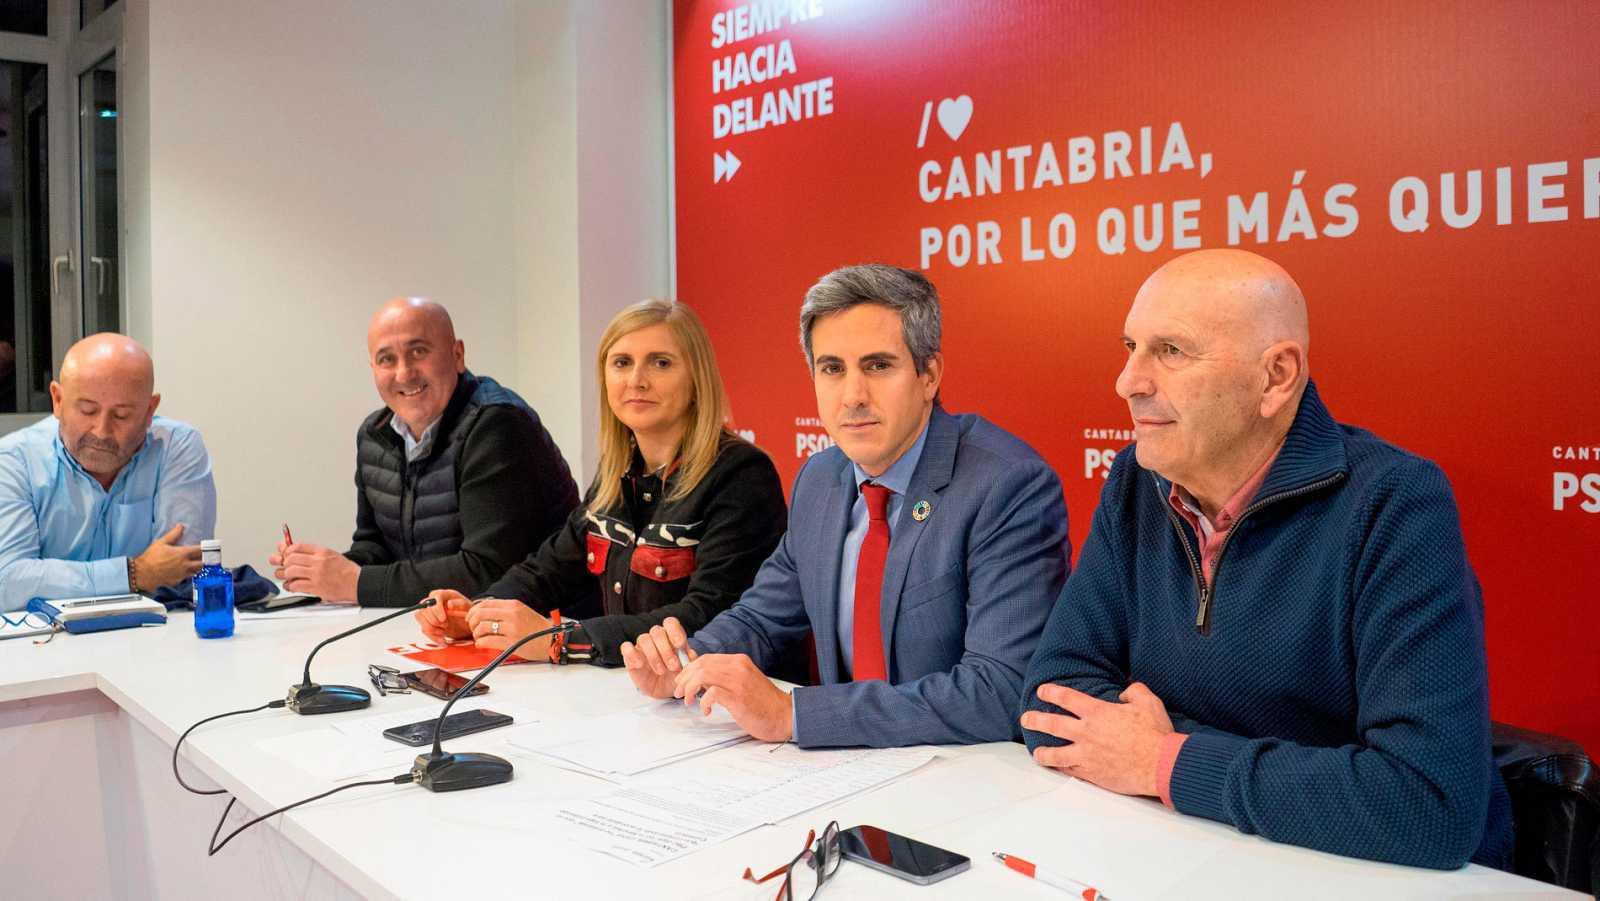 El vicepresidente regional y secretario general del PSOE cántabro, Pablo Zuloaga, y otros miembros del partido en una reunión de la ejecutiva para decidir sobre el futuro de los acuerdos de gobierno en Cantabria con el PRC.